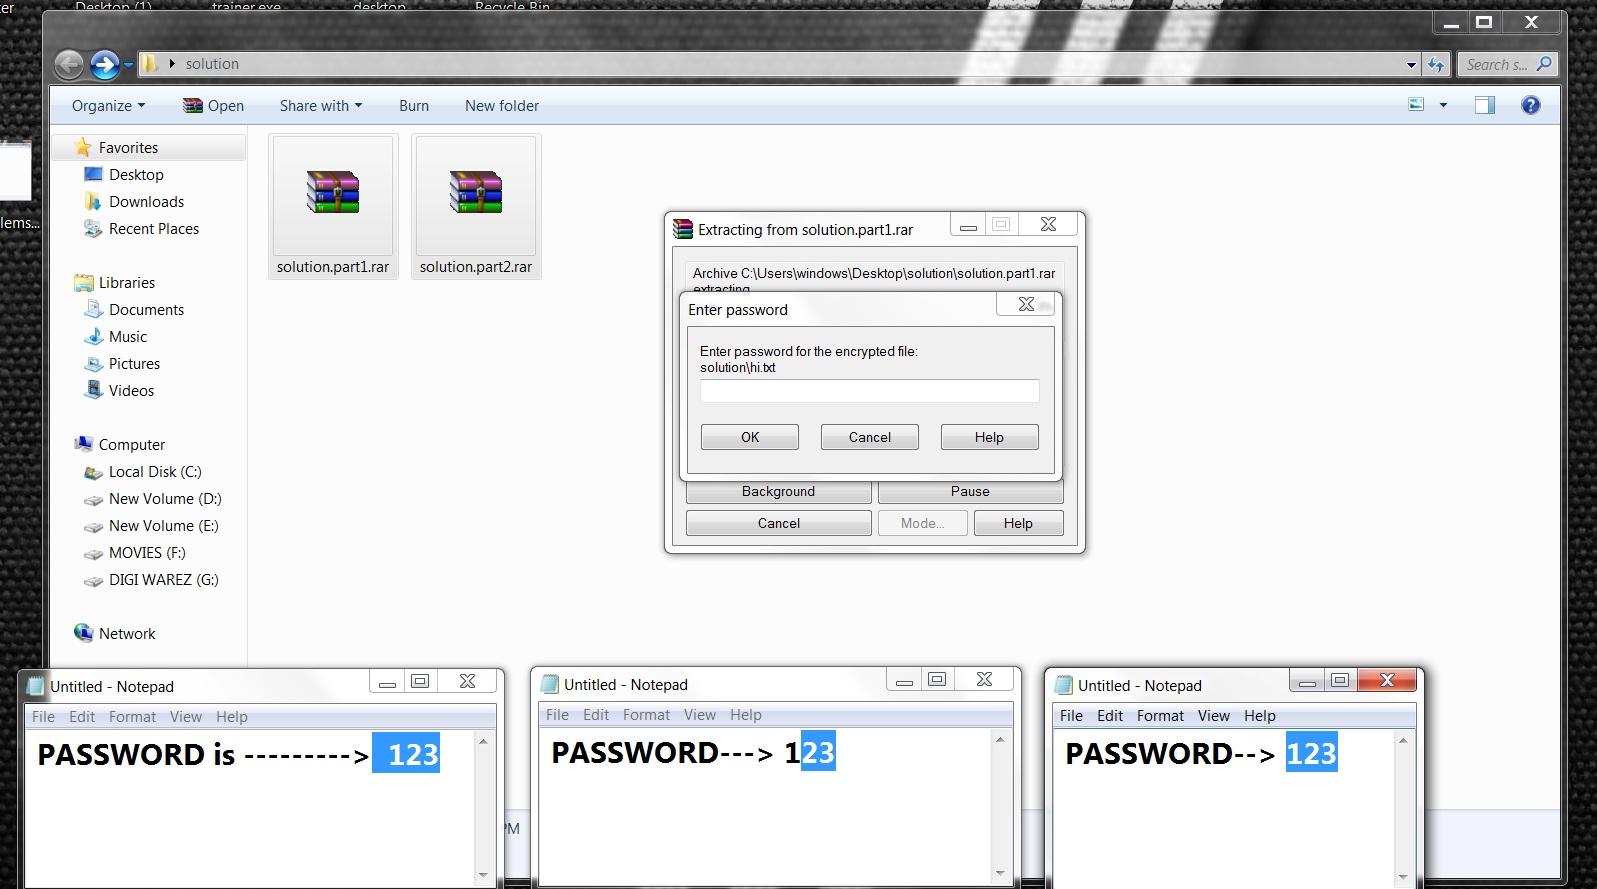 Windows Vista 64 bits WinRAR est le classique logiciel de compression et décompression de fichiers .rar et autres formats. La compression de fichiers est un système qui permet de réduire les fichiers sans perte de données.